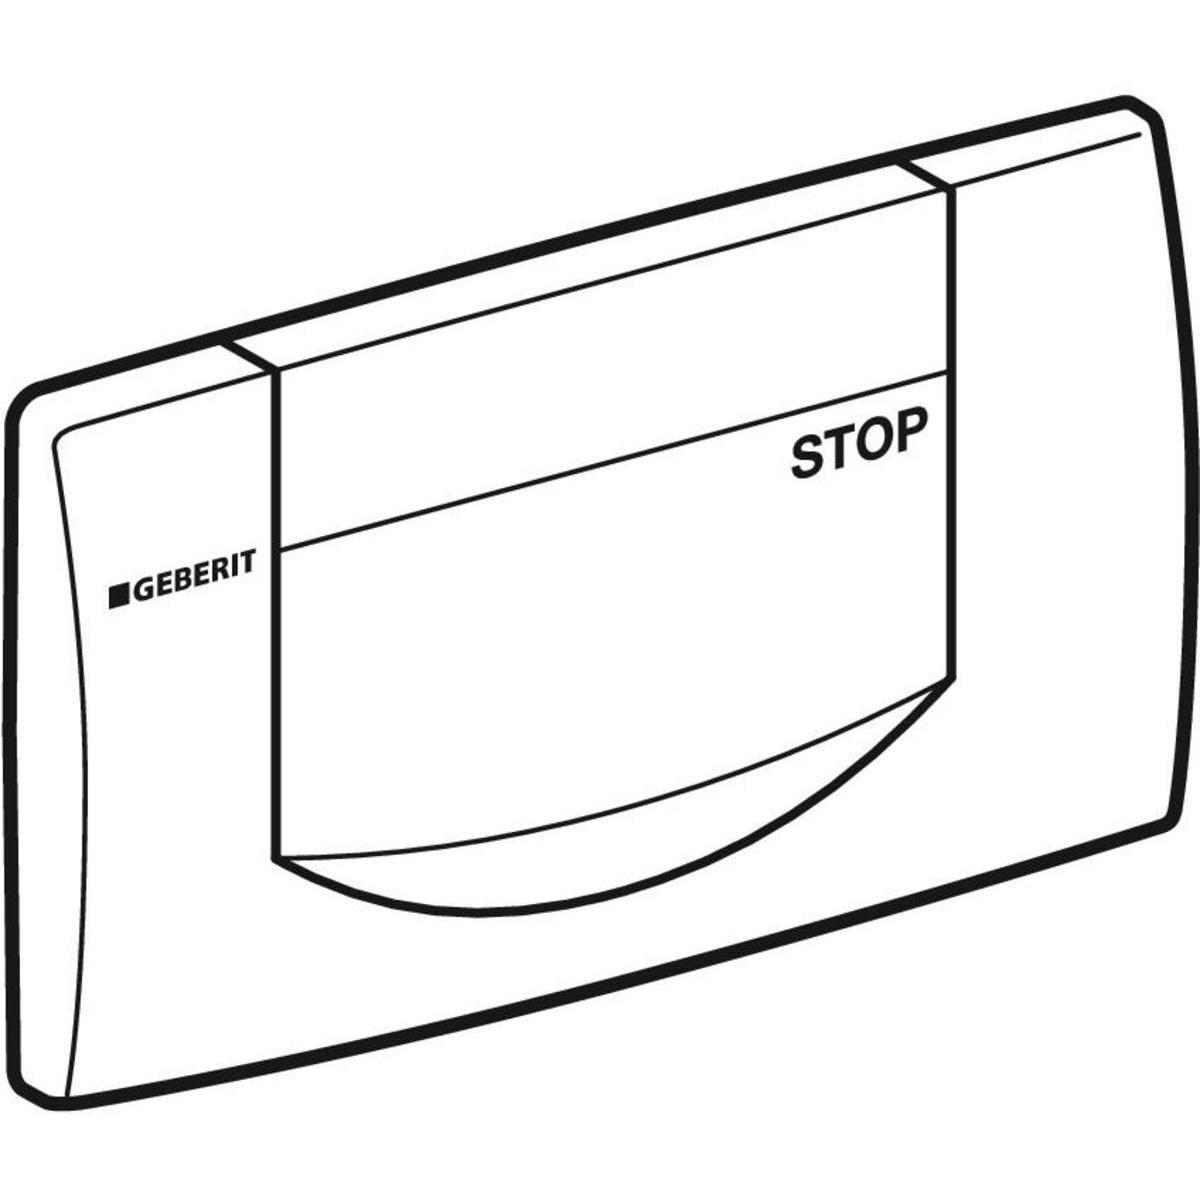 Geberit Betätigungsplatte 200 F für Spül-Stopp-Spülung glanzverchromt 115222211